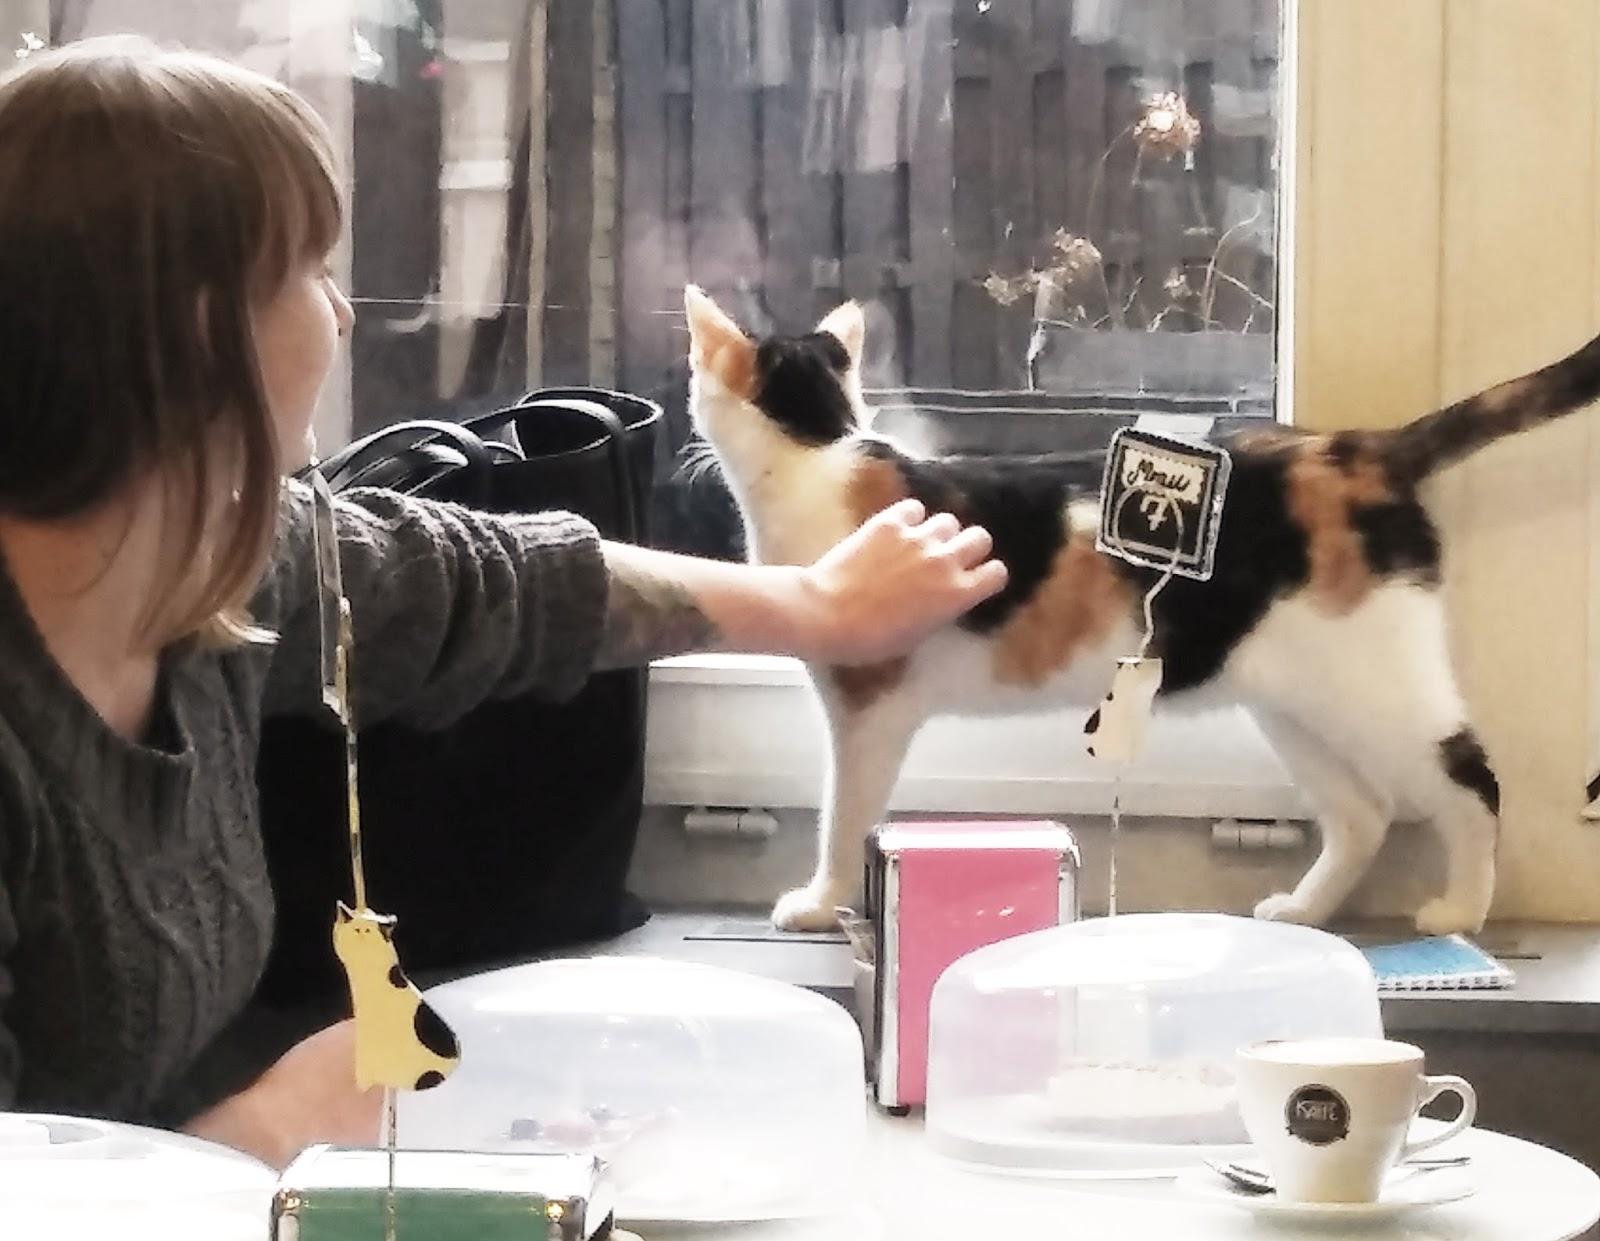 Kocia kawiarnia, czyli inwazja futrzaków